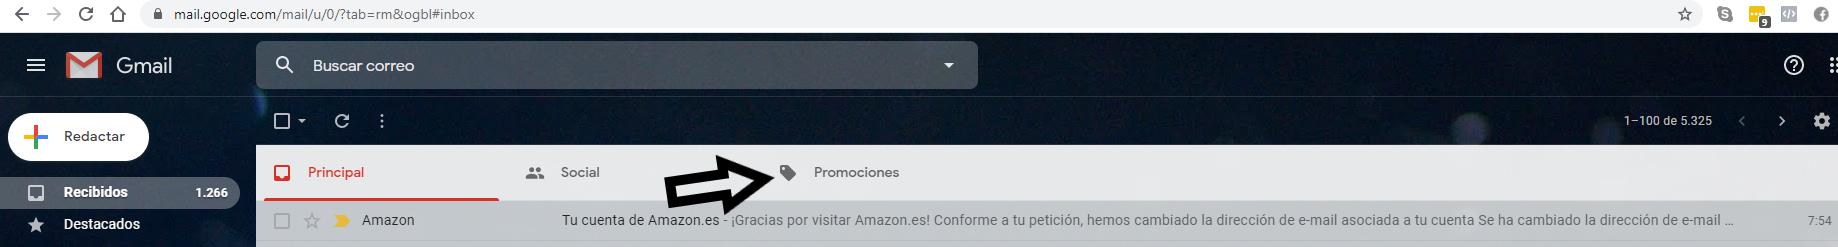 promociones gmail